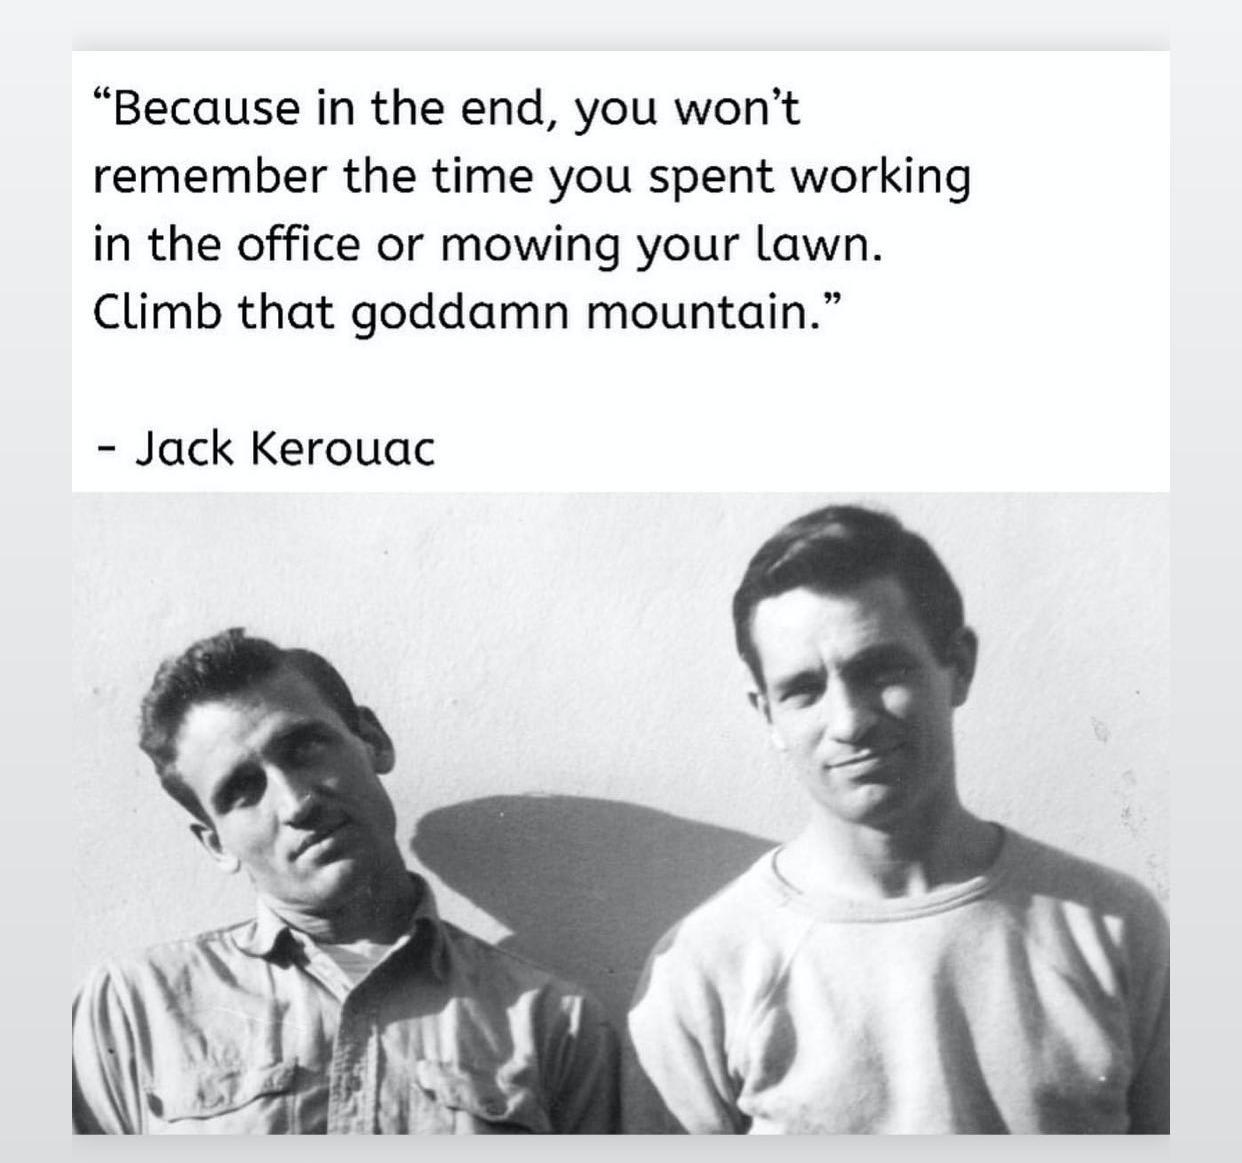 Kerouac quote